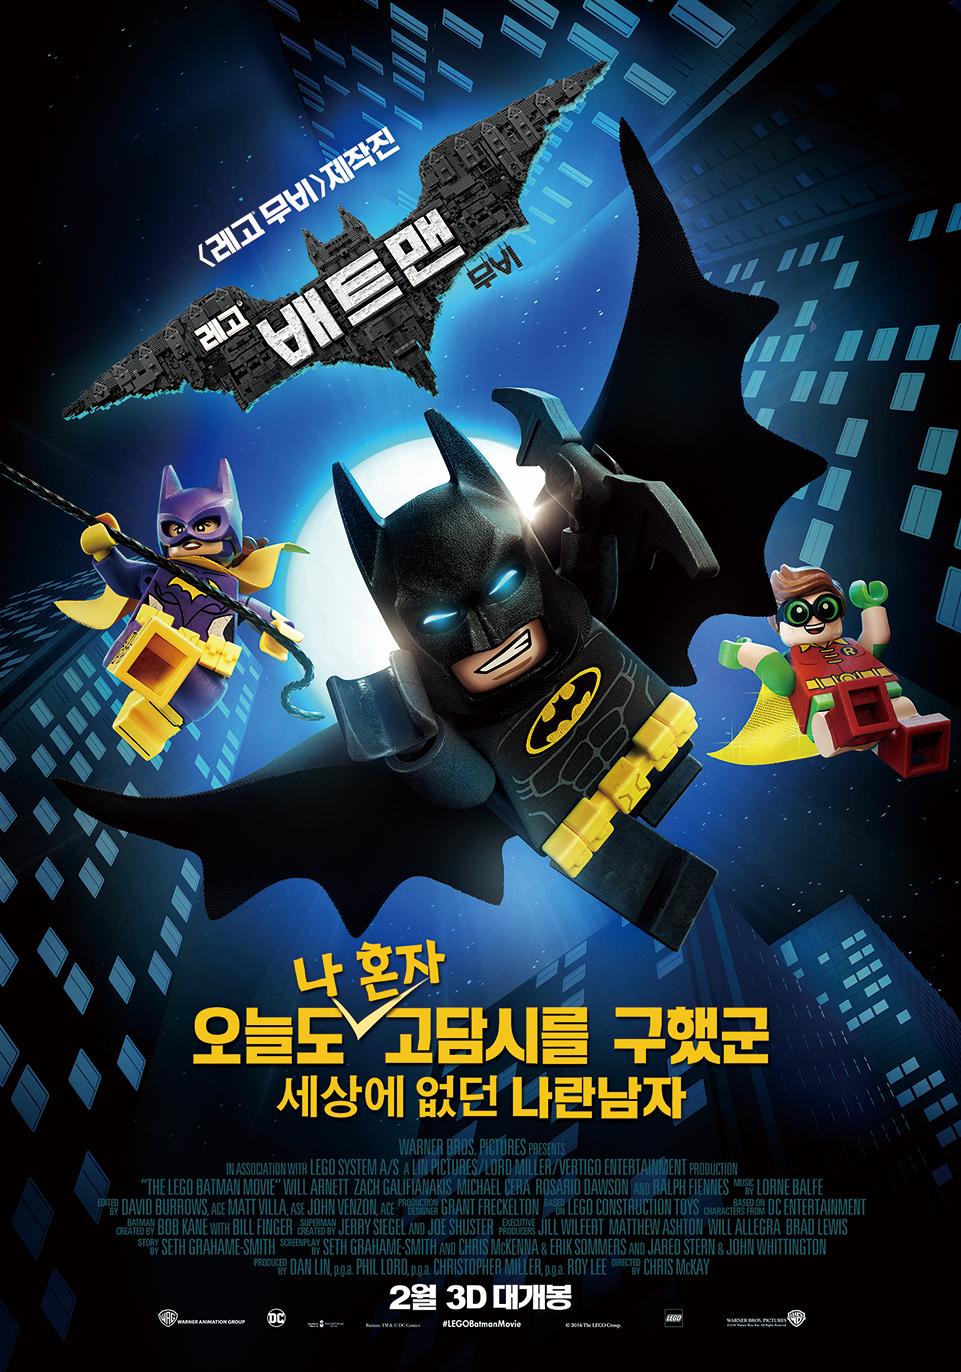 레고 배트맨 무비 - 배트맨, 아동용 데드풀이 되다